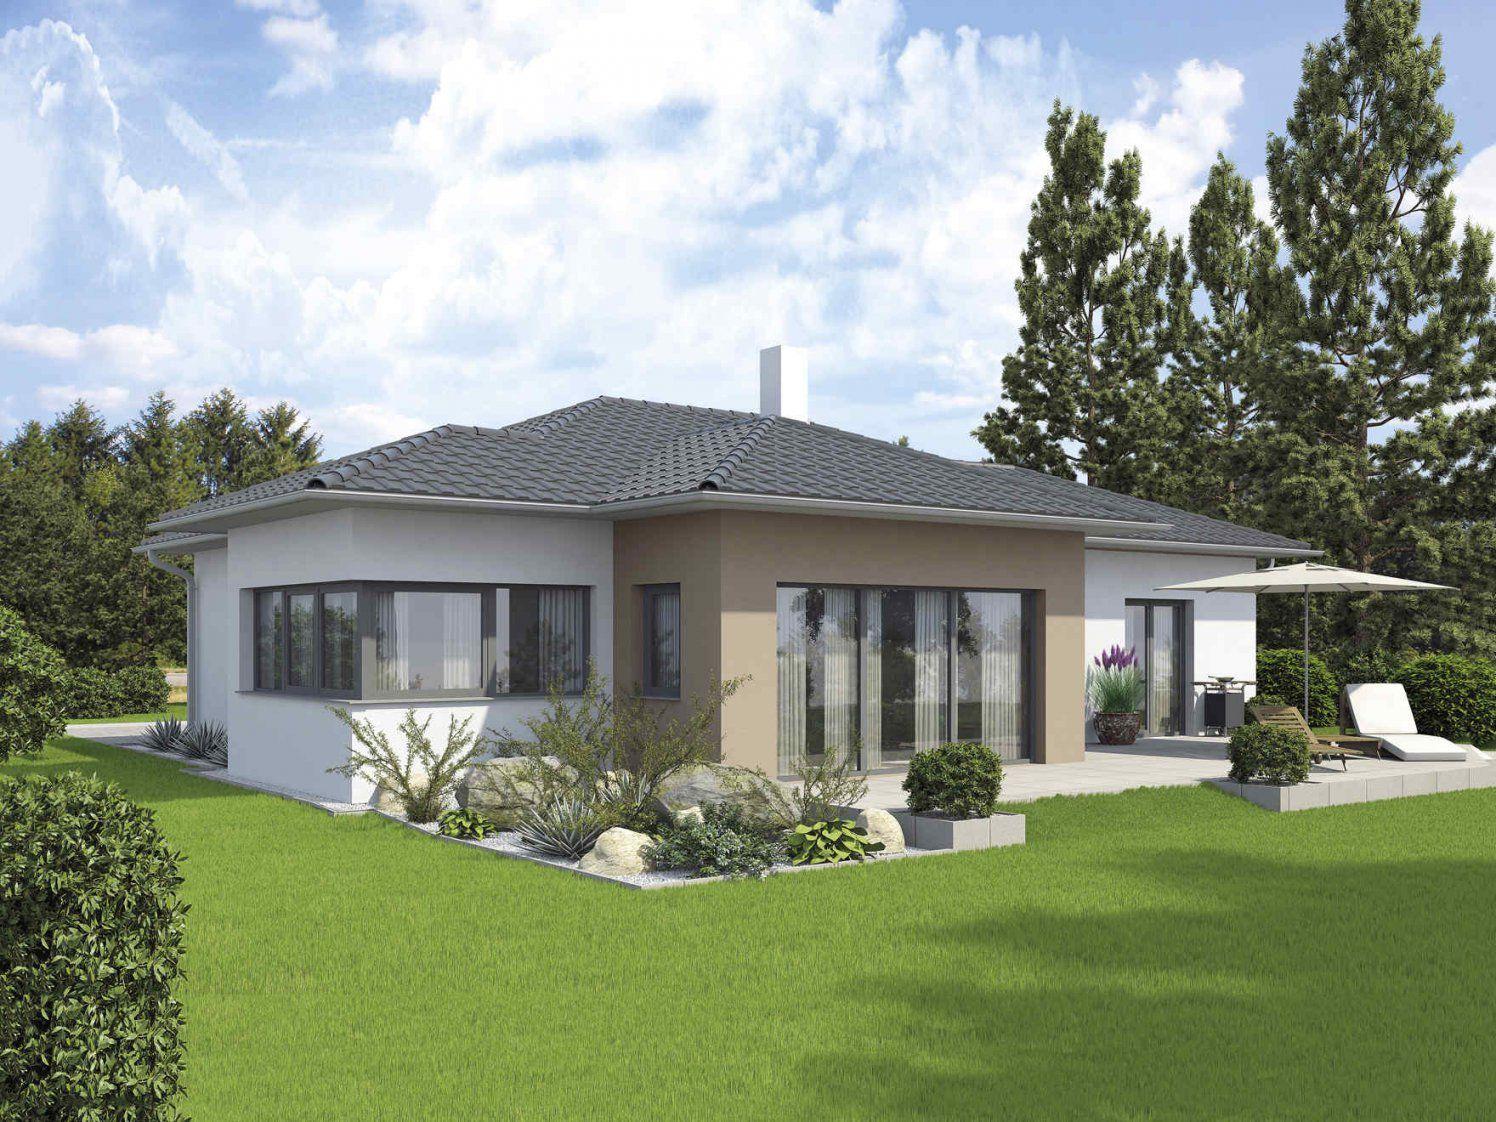 Ihr Haus Kaufen Bungalow Preis  Bungalow Bauen Preise  Variohaus von Bungalow Selber Bauen Kosten Bild